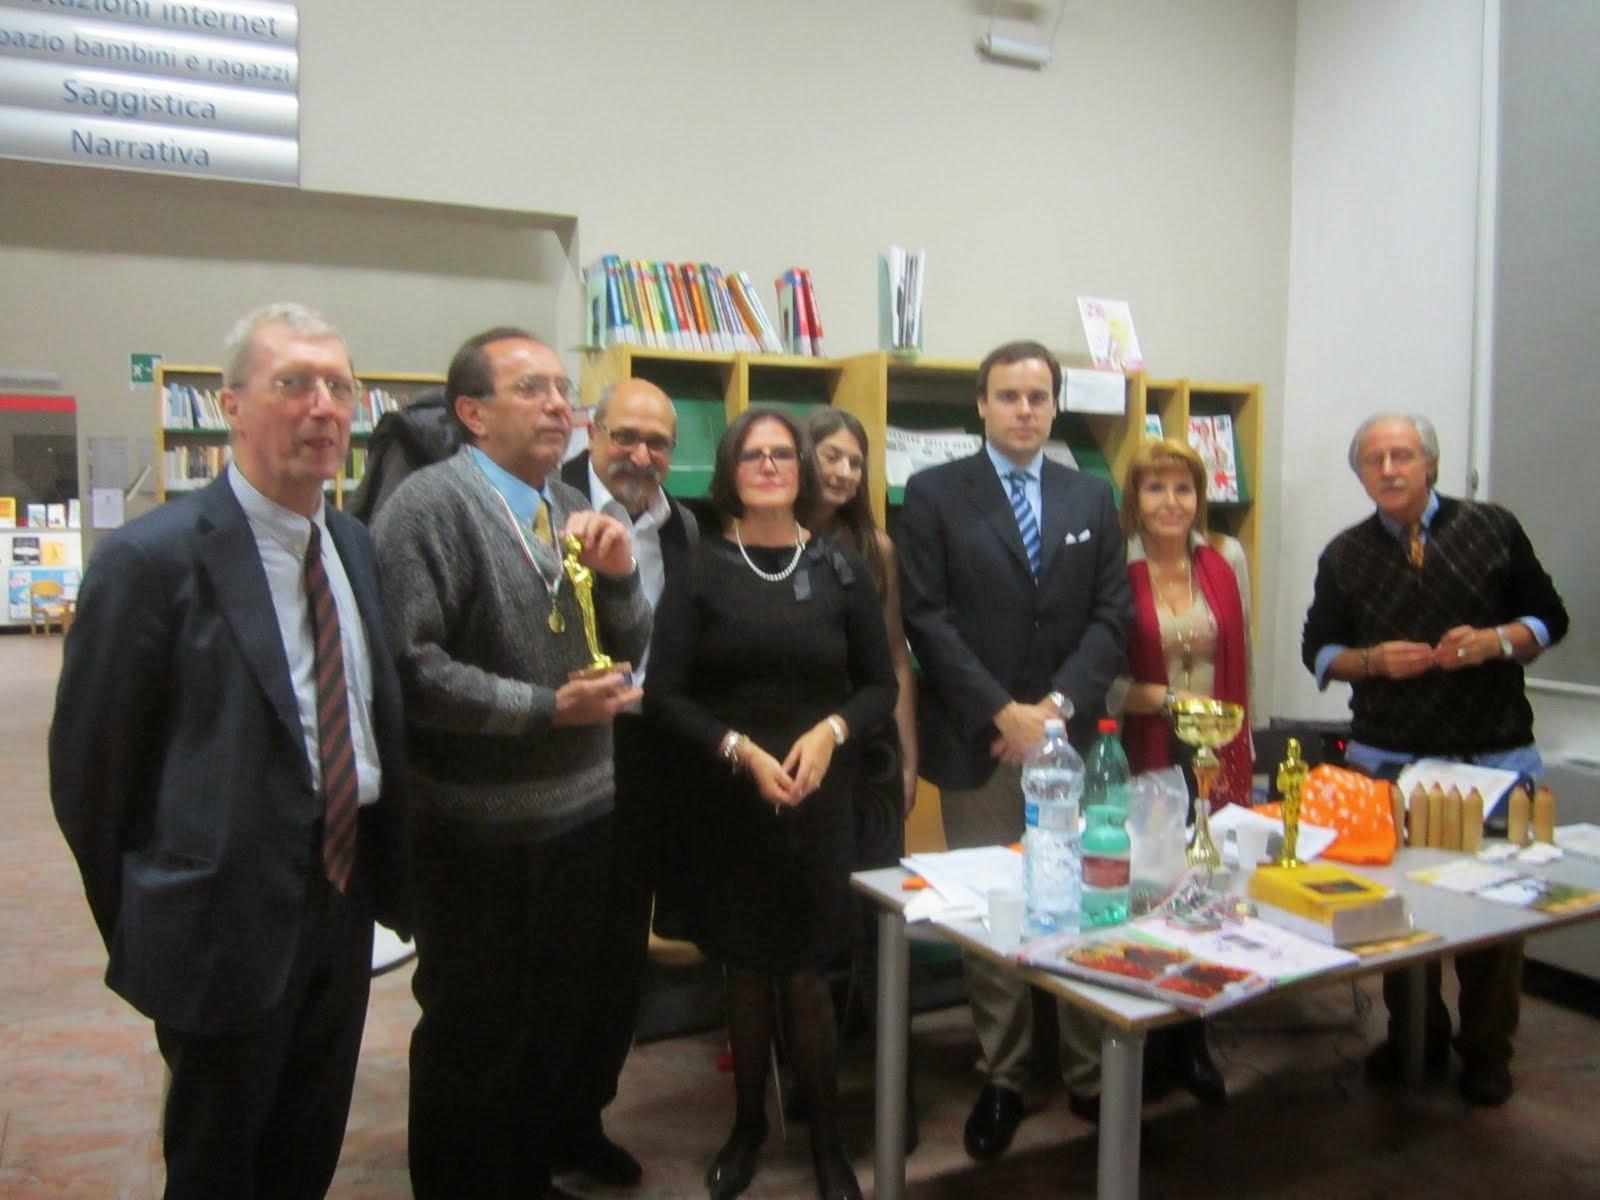 Oscar al Poeta Luigi Perfetti 2012/2013